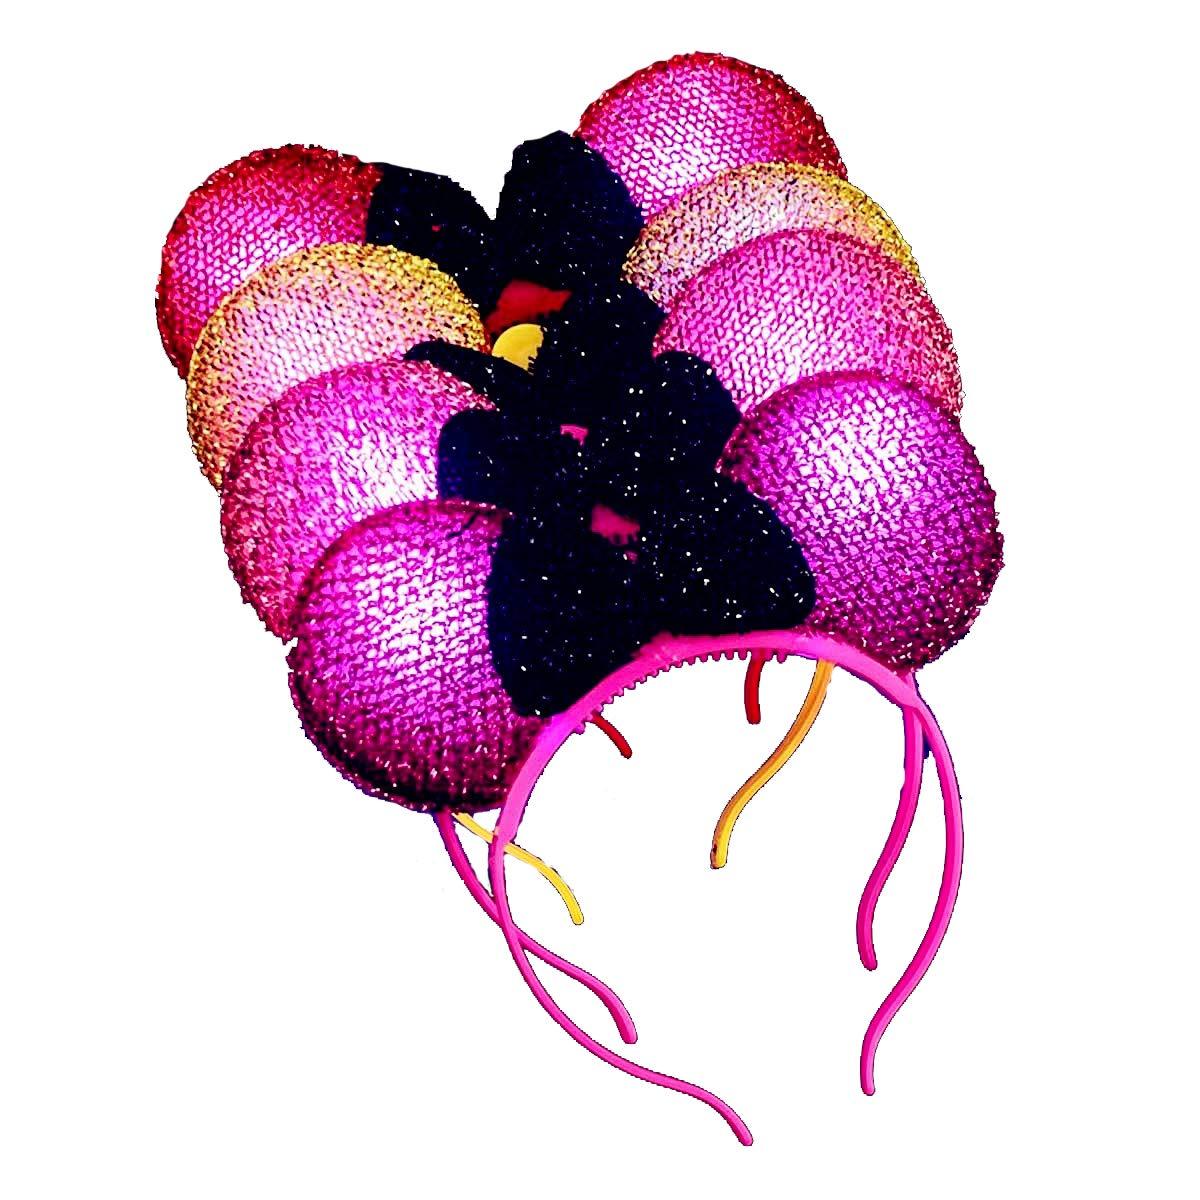 4 Teile/satz Die Neueste Mode LED Beleuchten Spitze Mickey Stirnband Kopfschmuck Minnie Haarband Stirnband Mickey Maus Kopfschmuck Beleuchten Spielzeug Konzert Weihnachten Halloween Party (Farbmischun Made in China mousse-2317